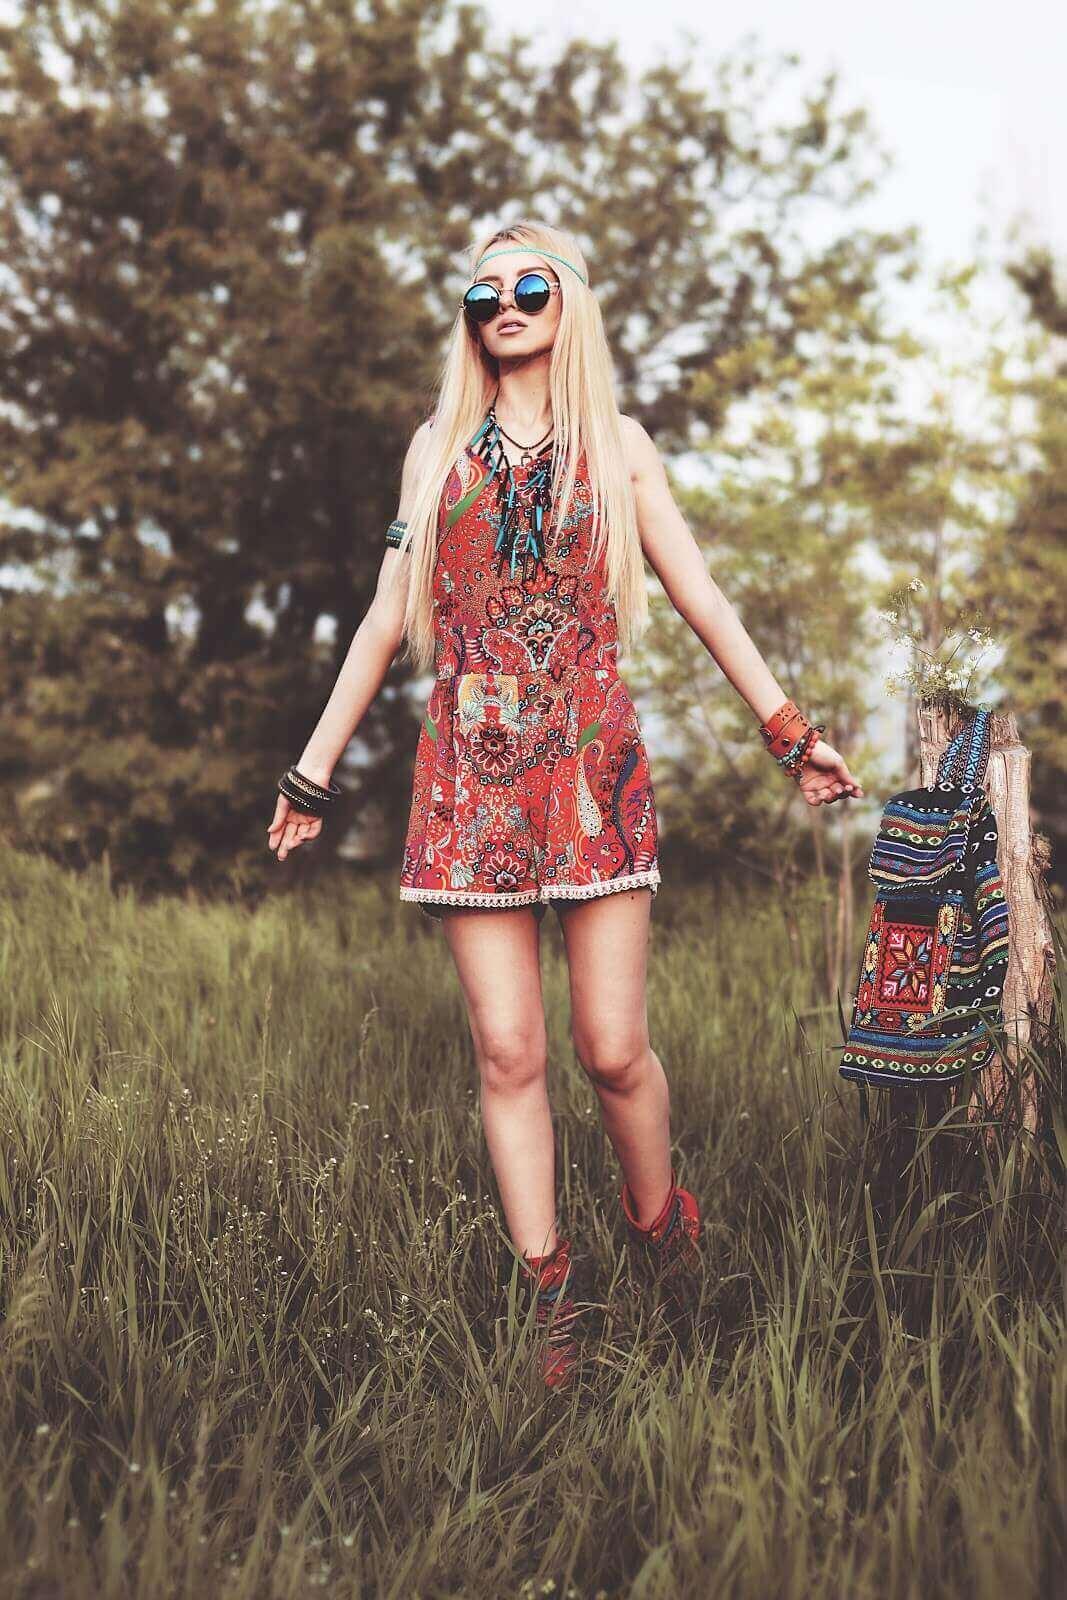 Tín đồ phong cách tự do Hippie thông tin cho bạn